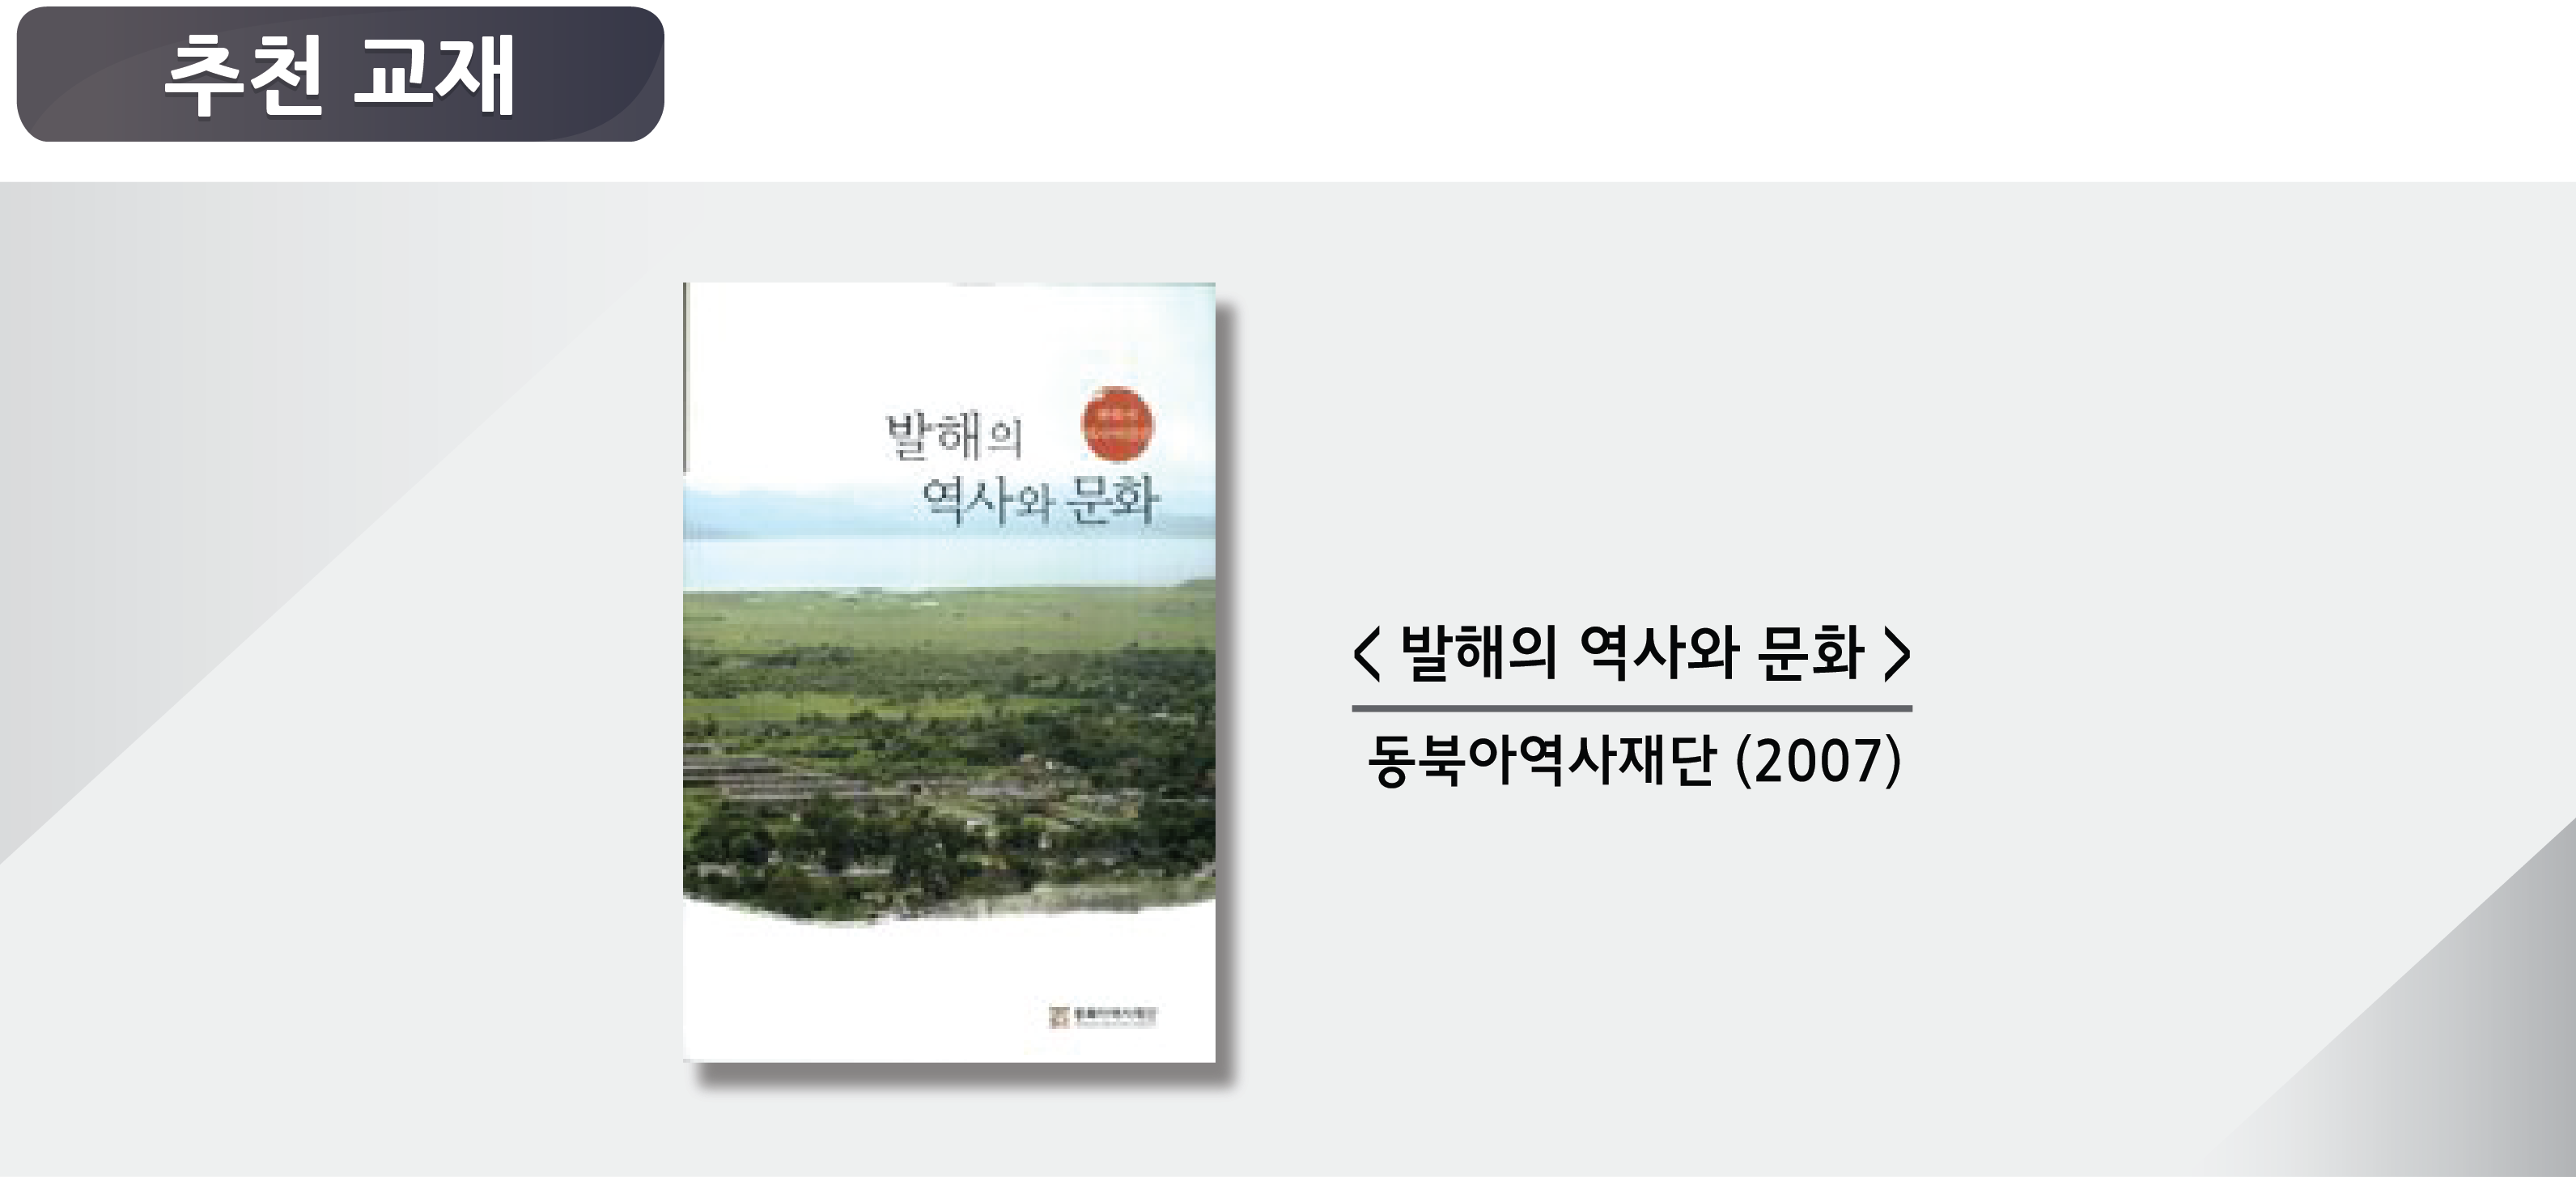 발해의 역사와 문화, 동북아역사재단(2007)